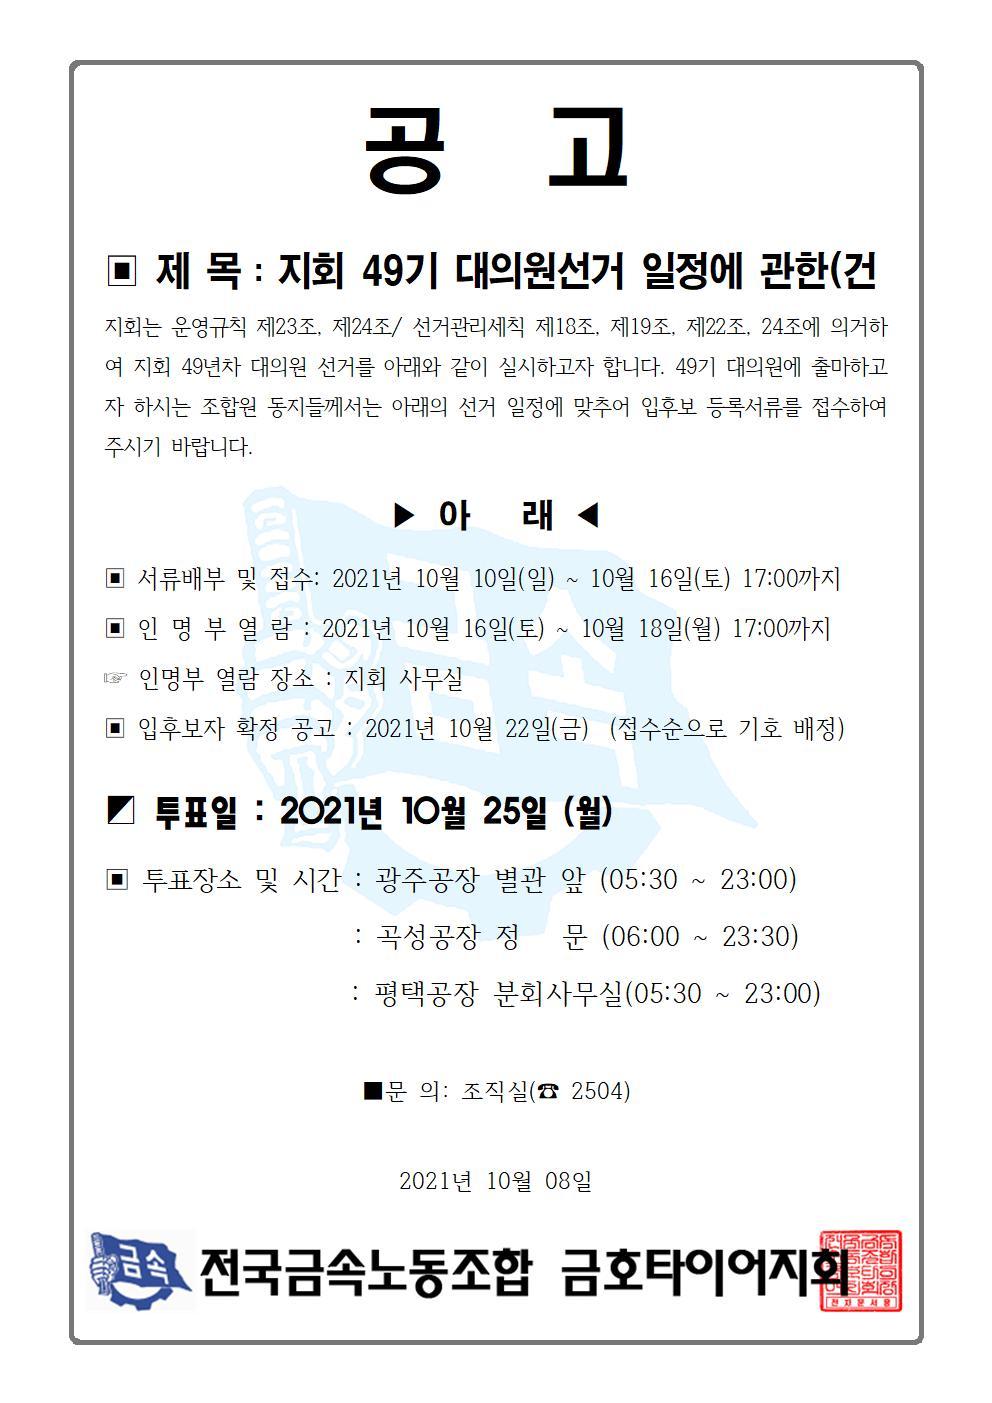 대의원선거일정공고001.jpg